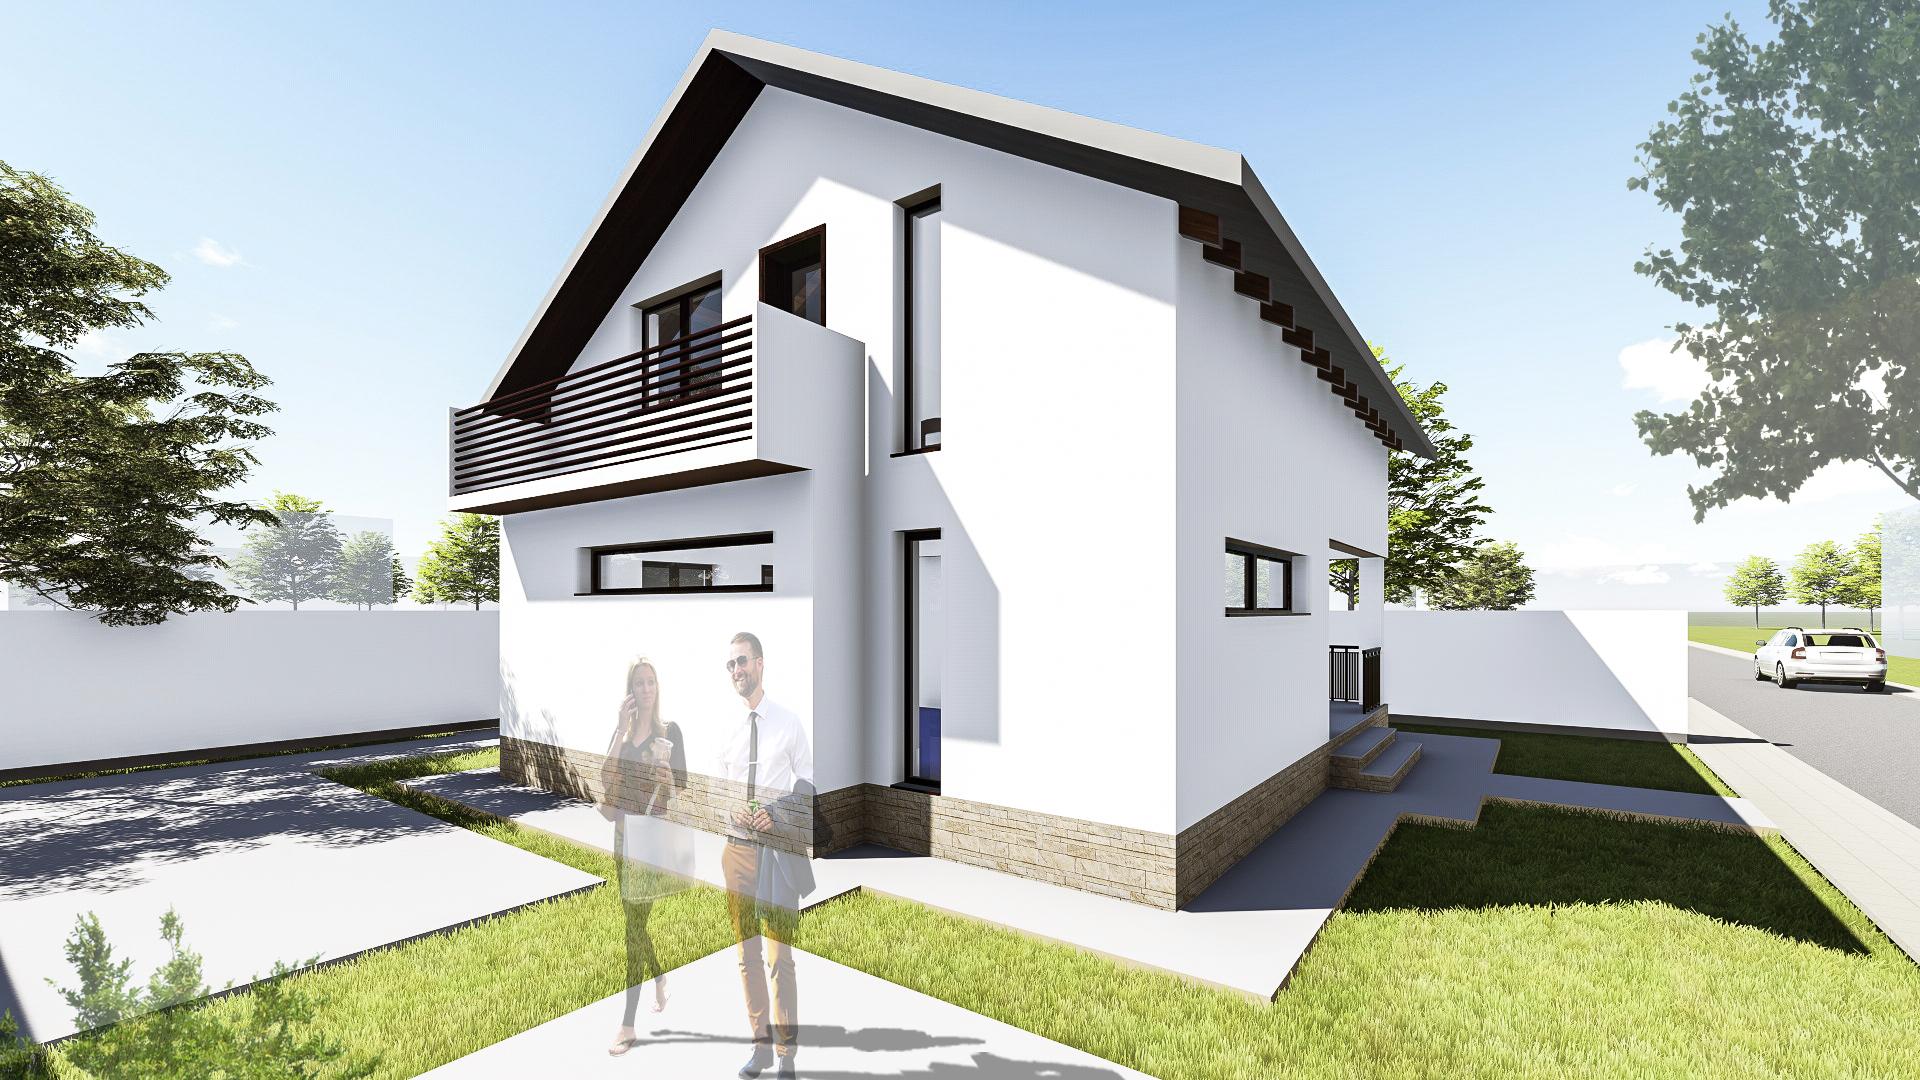 Lucrari proiecte proiect casa allena uberhause poza 7 for Proiect casa 100 mp fara etaj